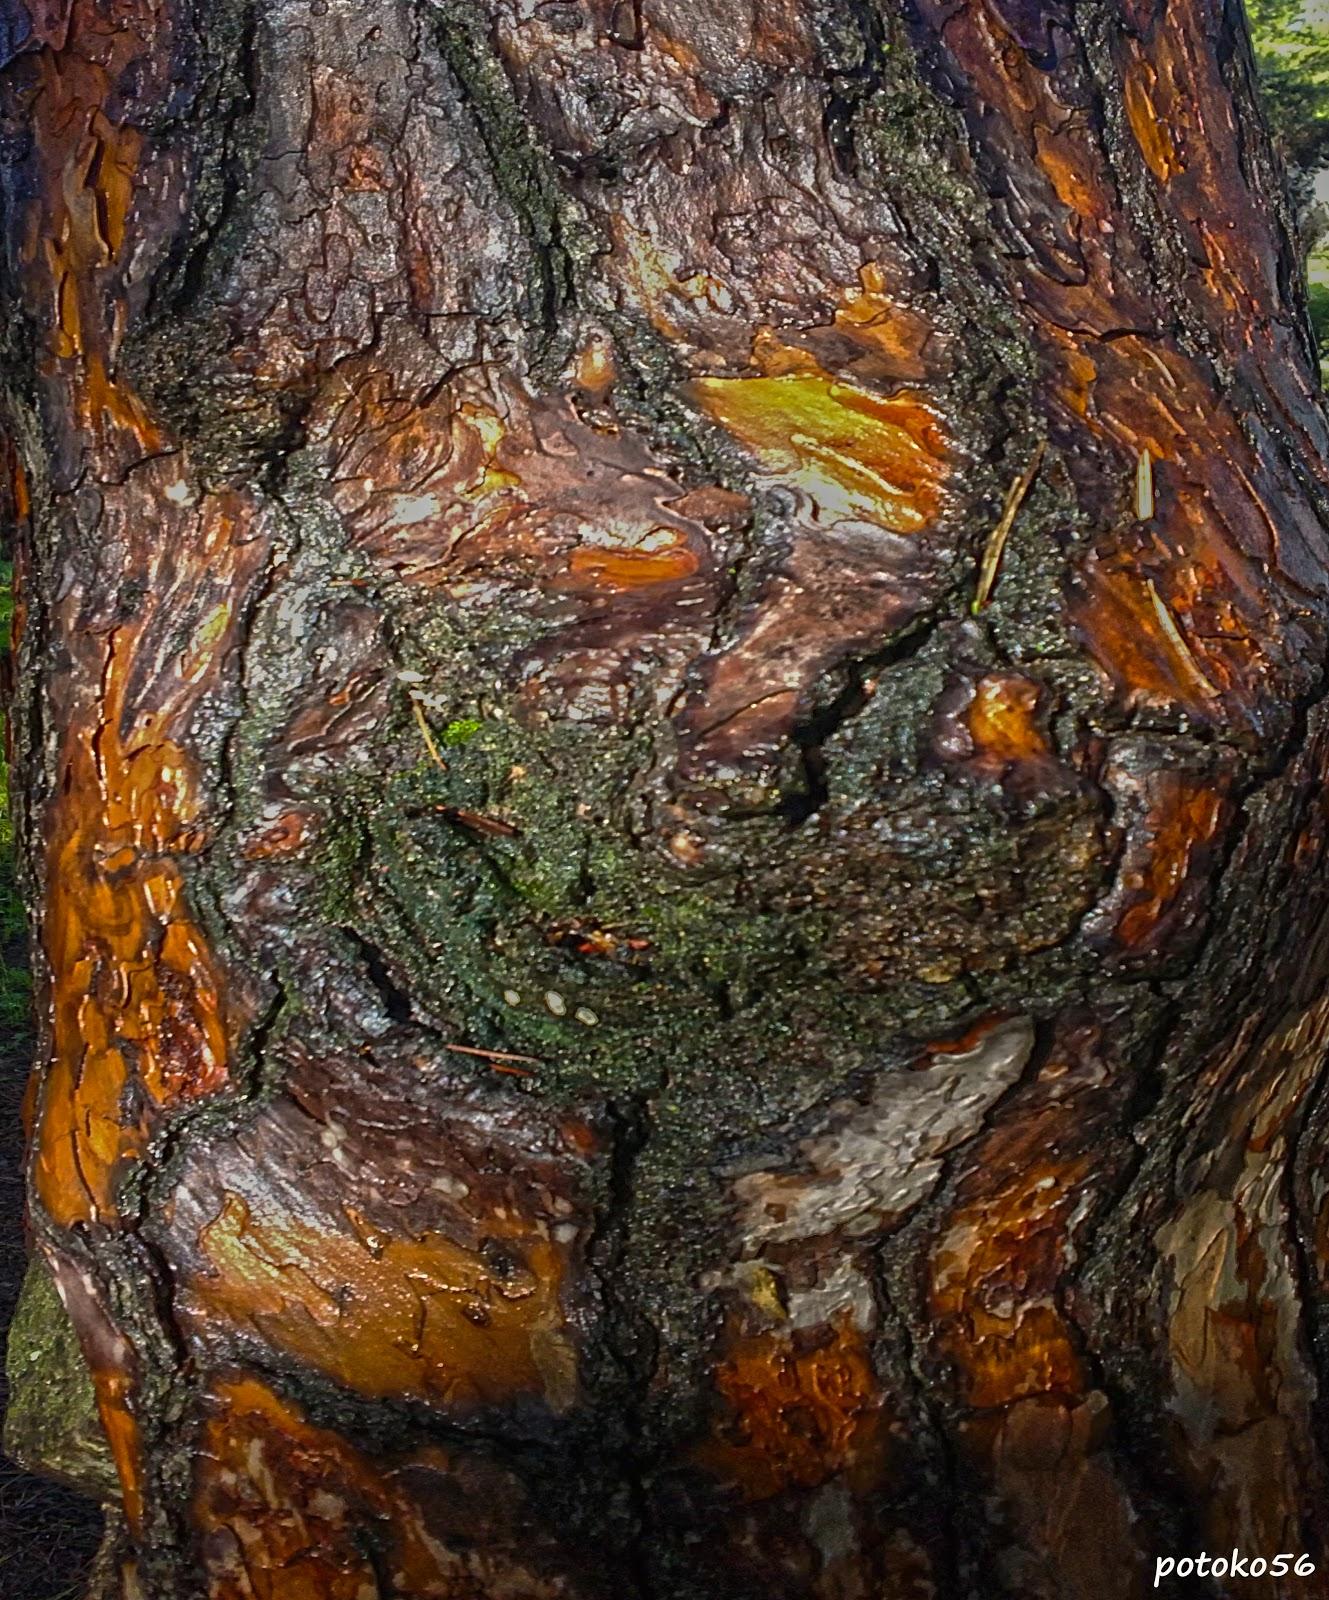 Nudo de árbol, Tronco de pino,  Árbol adulto, Fotografía